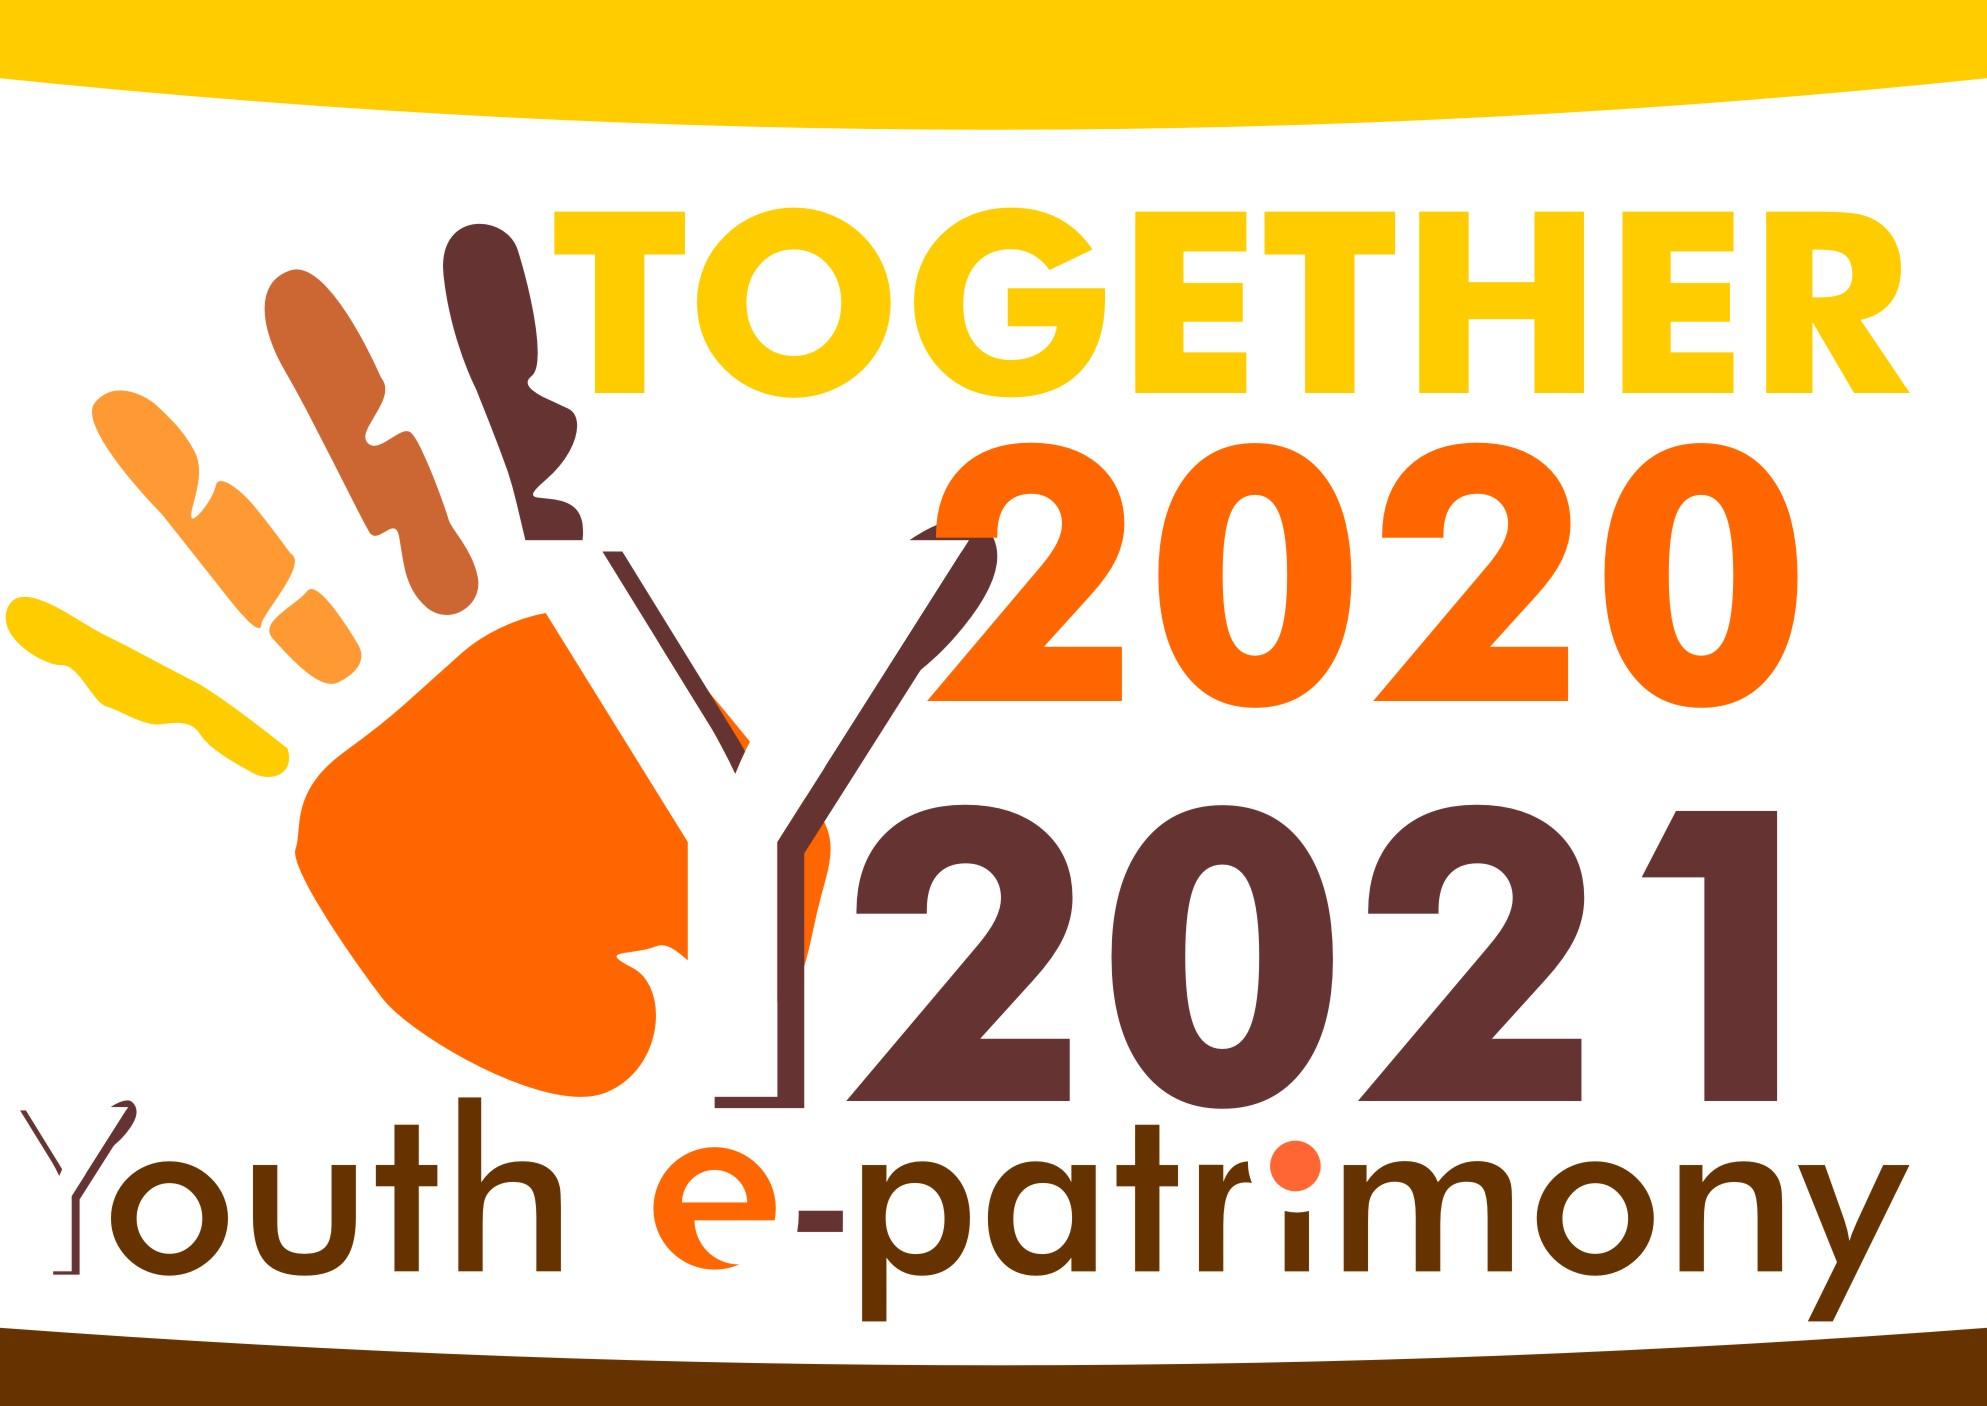 E-Youth Patrimony 2020 - 2021